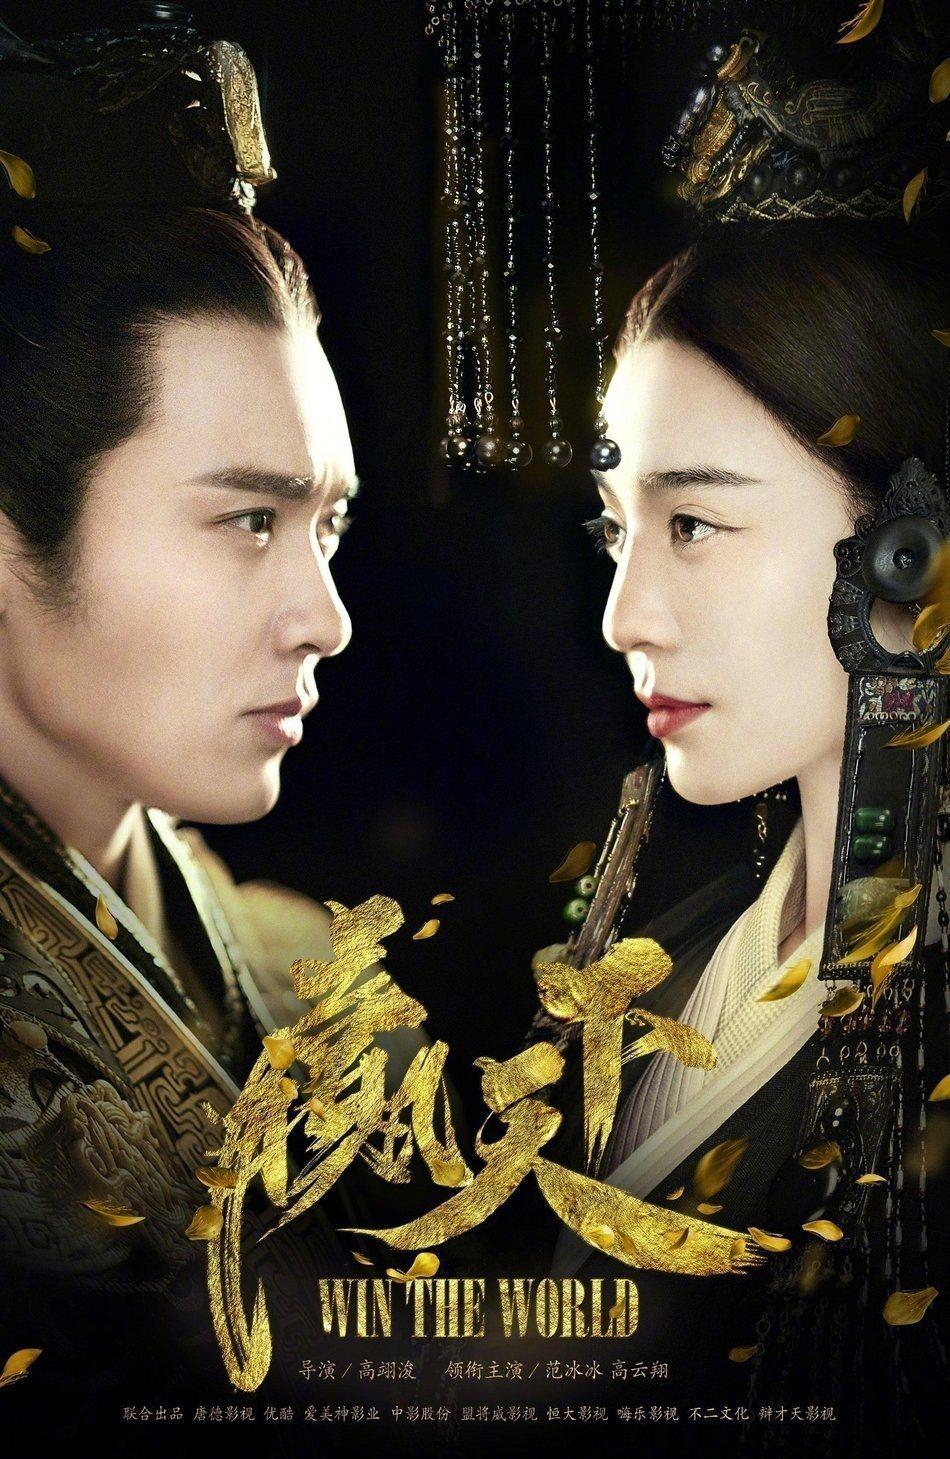 高雲翔和范冰冰主演的「巴清傳」(原名贏天下)向高索賠3億元 圖/摘自臉書